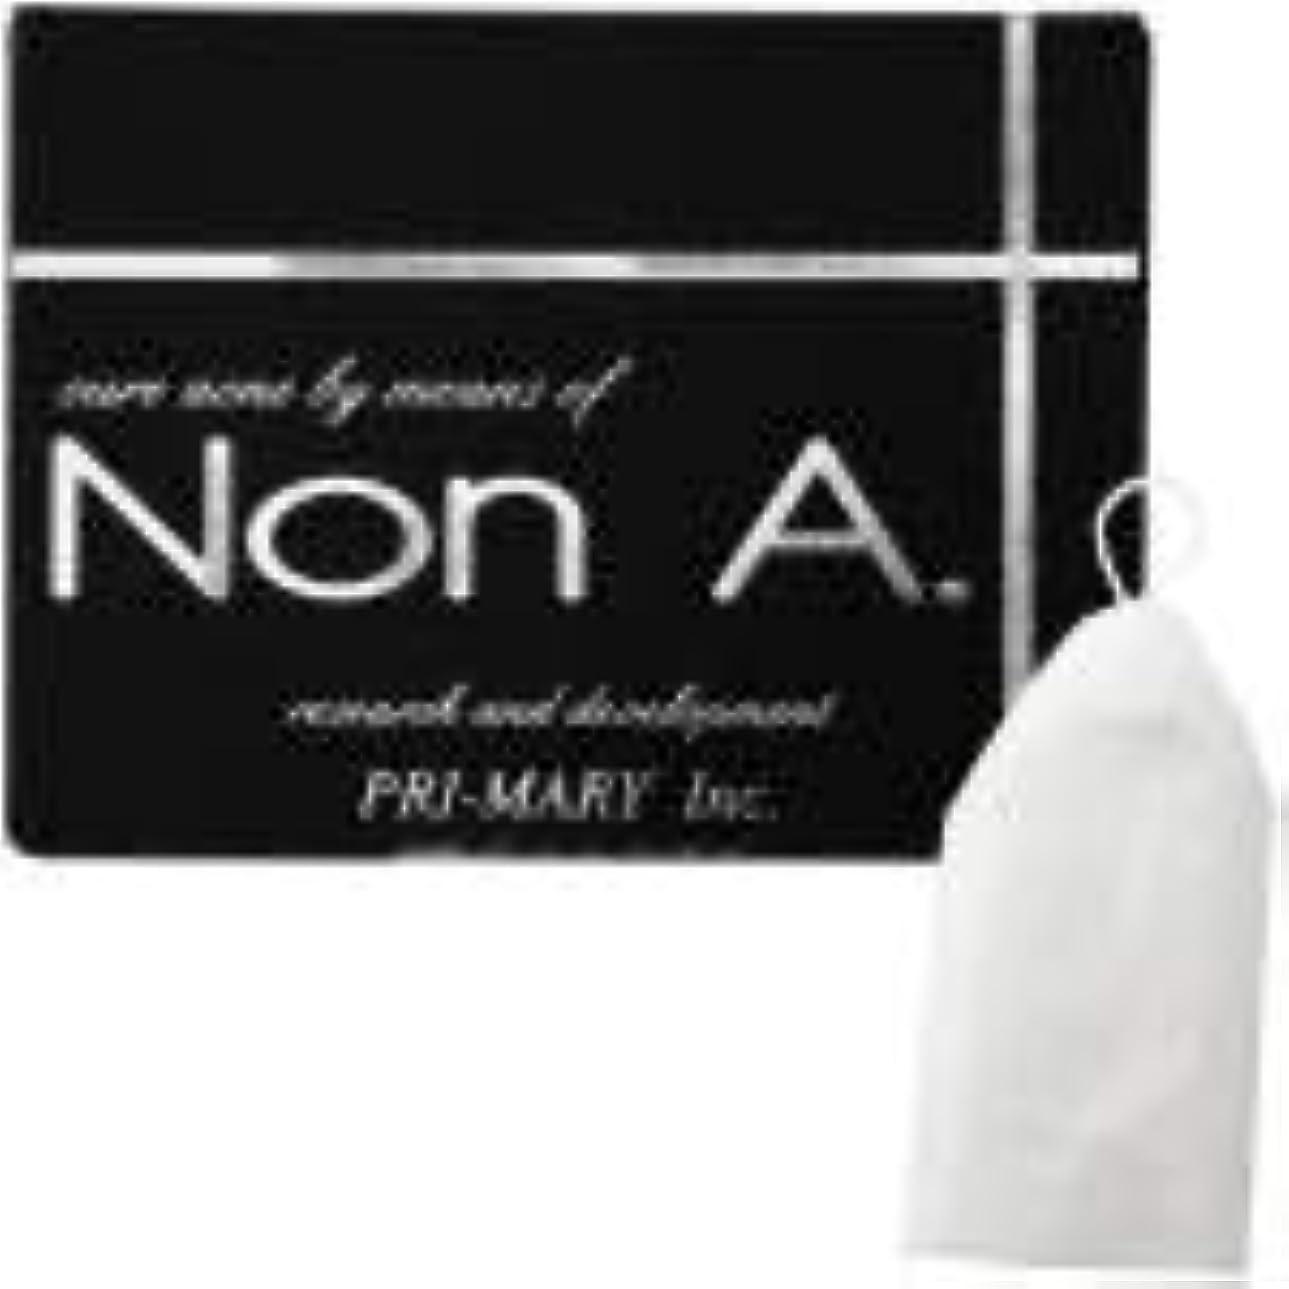 踏みつけパンサーペルメルNon A. (ノンエー) 石鹸 洗顔フォーム [ 洗顔泡立てネット付 / 100g / ニキビ対策 ] 洗顔料 洗顔せっけん 洗顔ソープ nona (プライマリー)